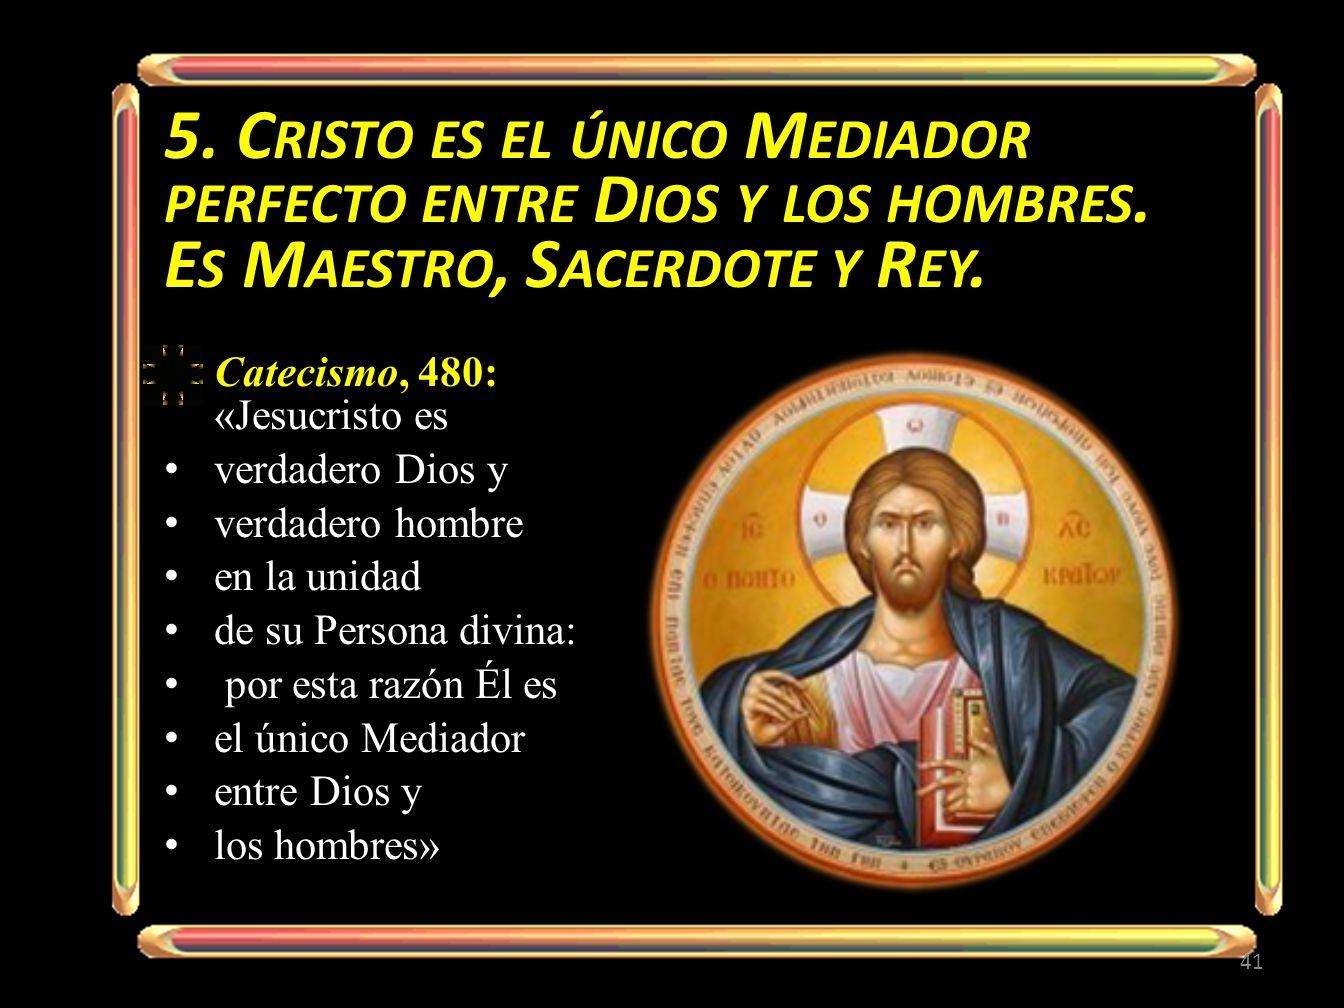 5. Cristo es el único Mediador perfecto entre Dios y los hombres